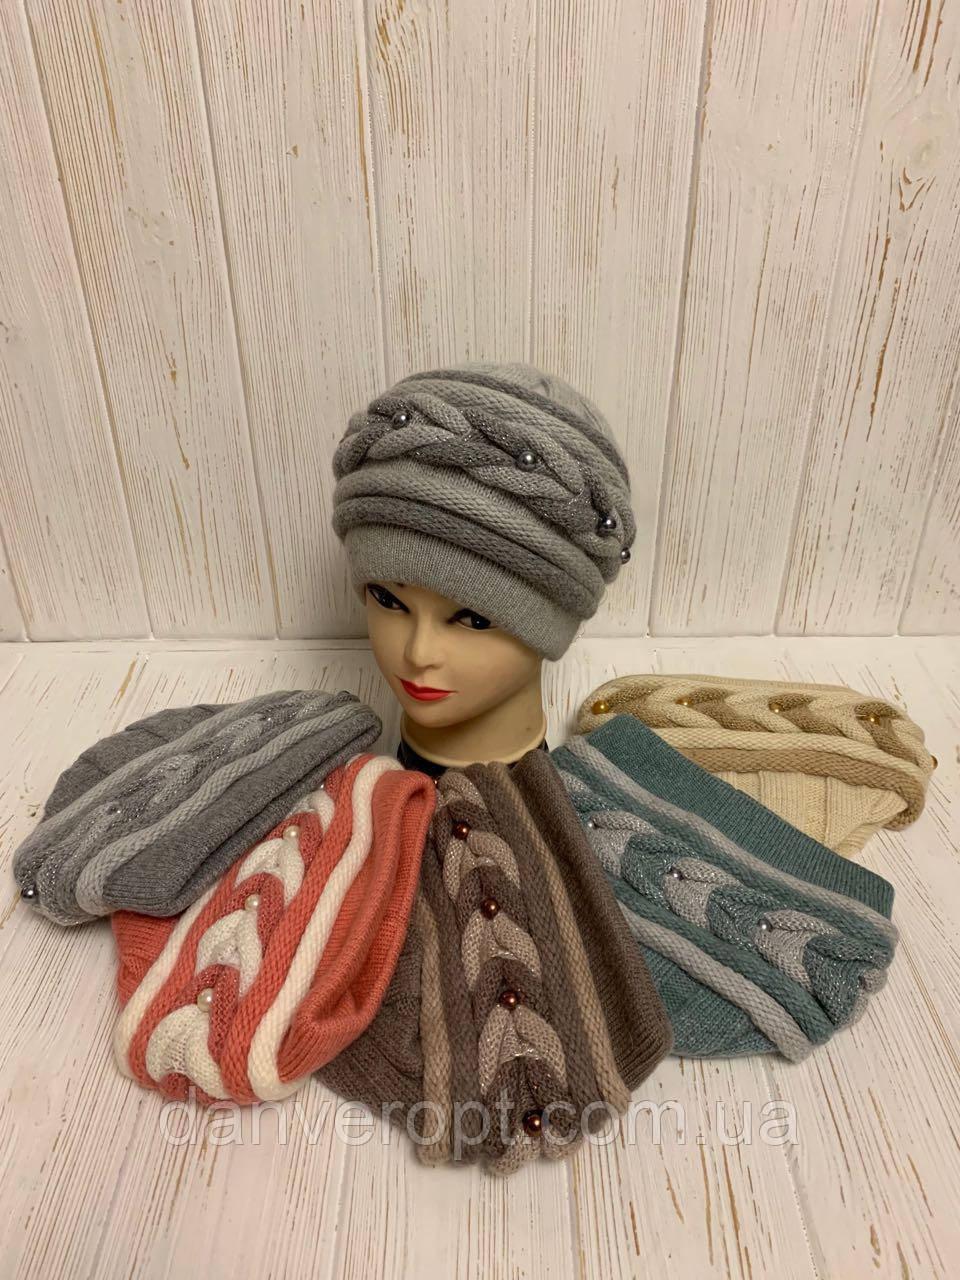 Шапка женская стильная размер 56-58 см купить оптом со склада 7км Одесса